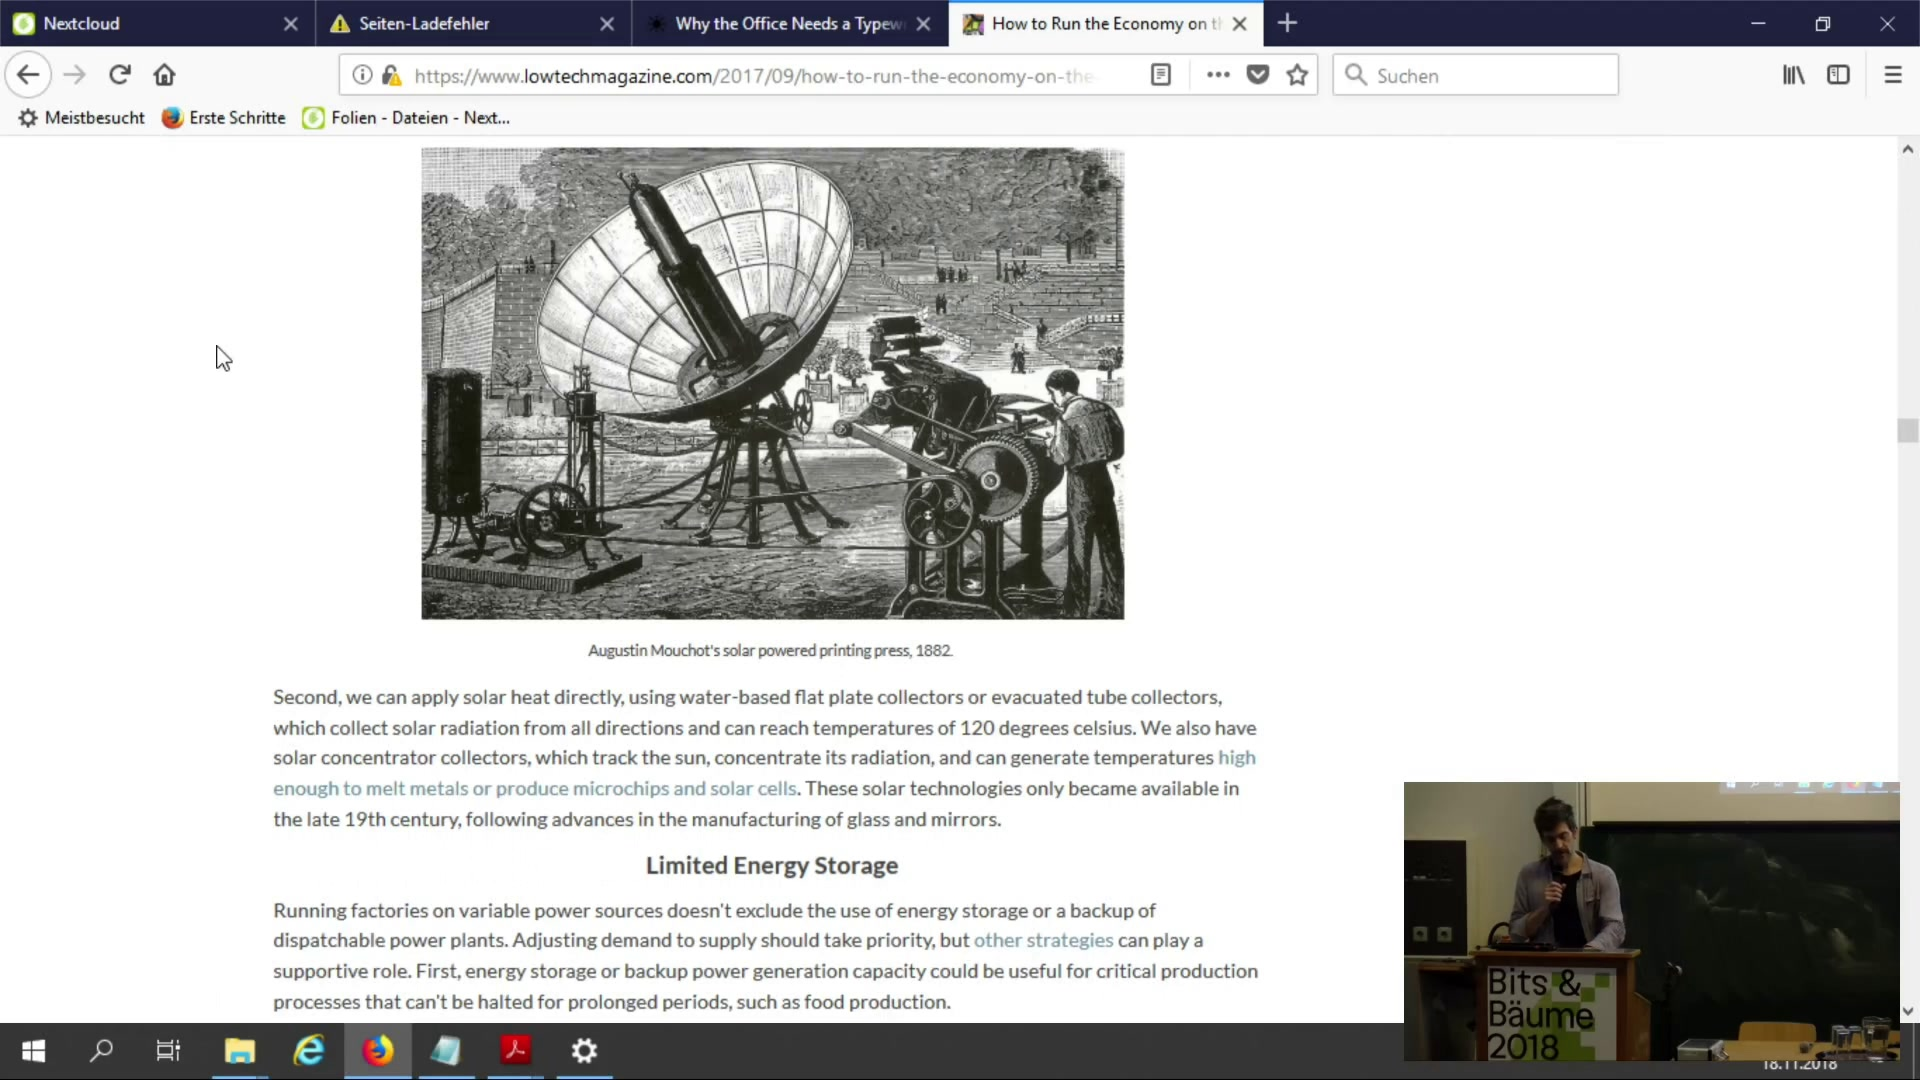 media ccc de - How to build a solar powered website?